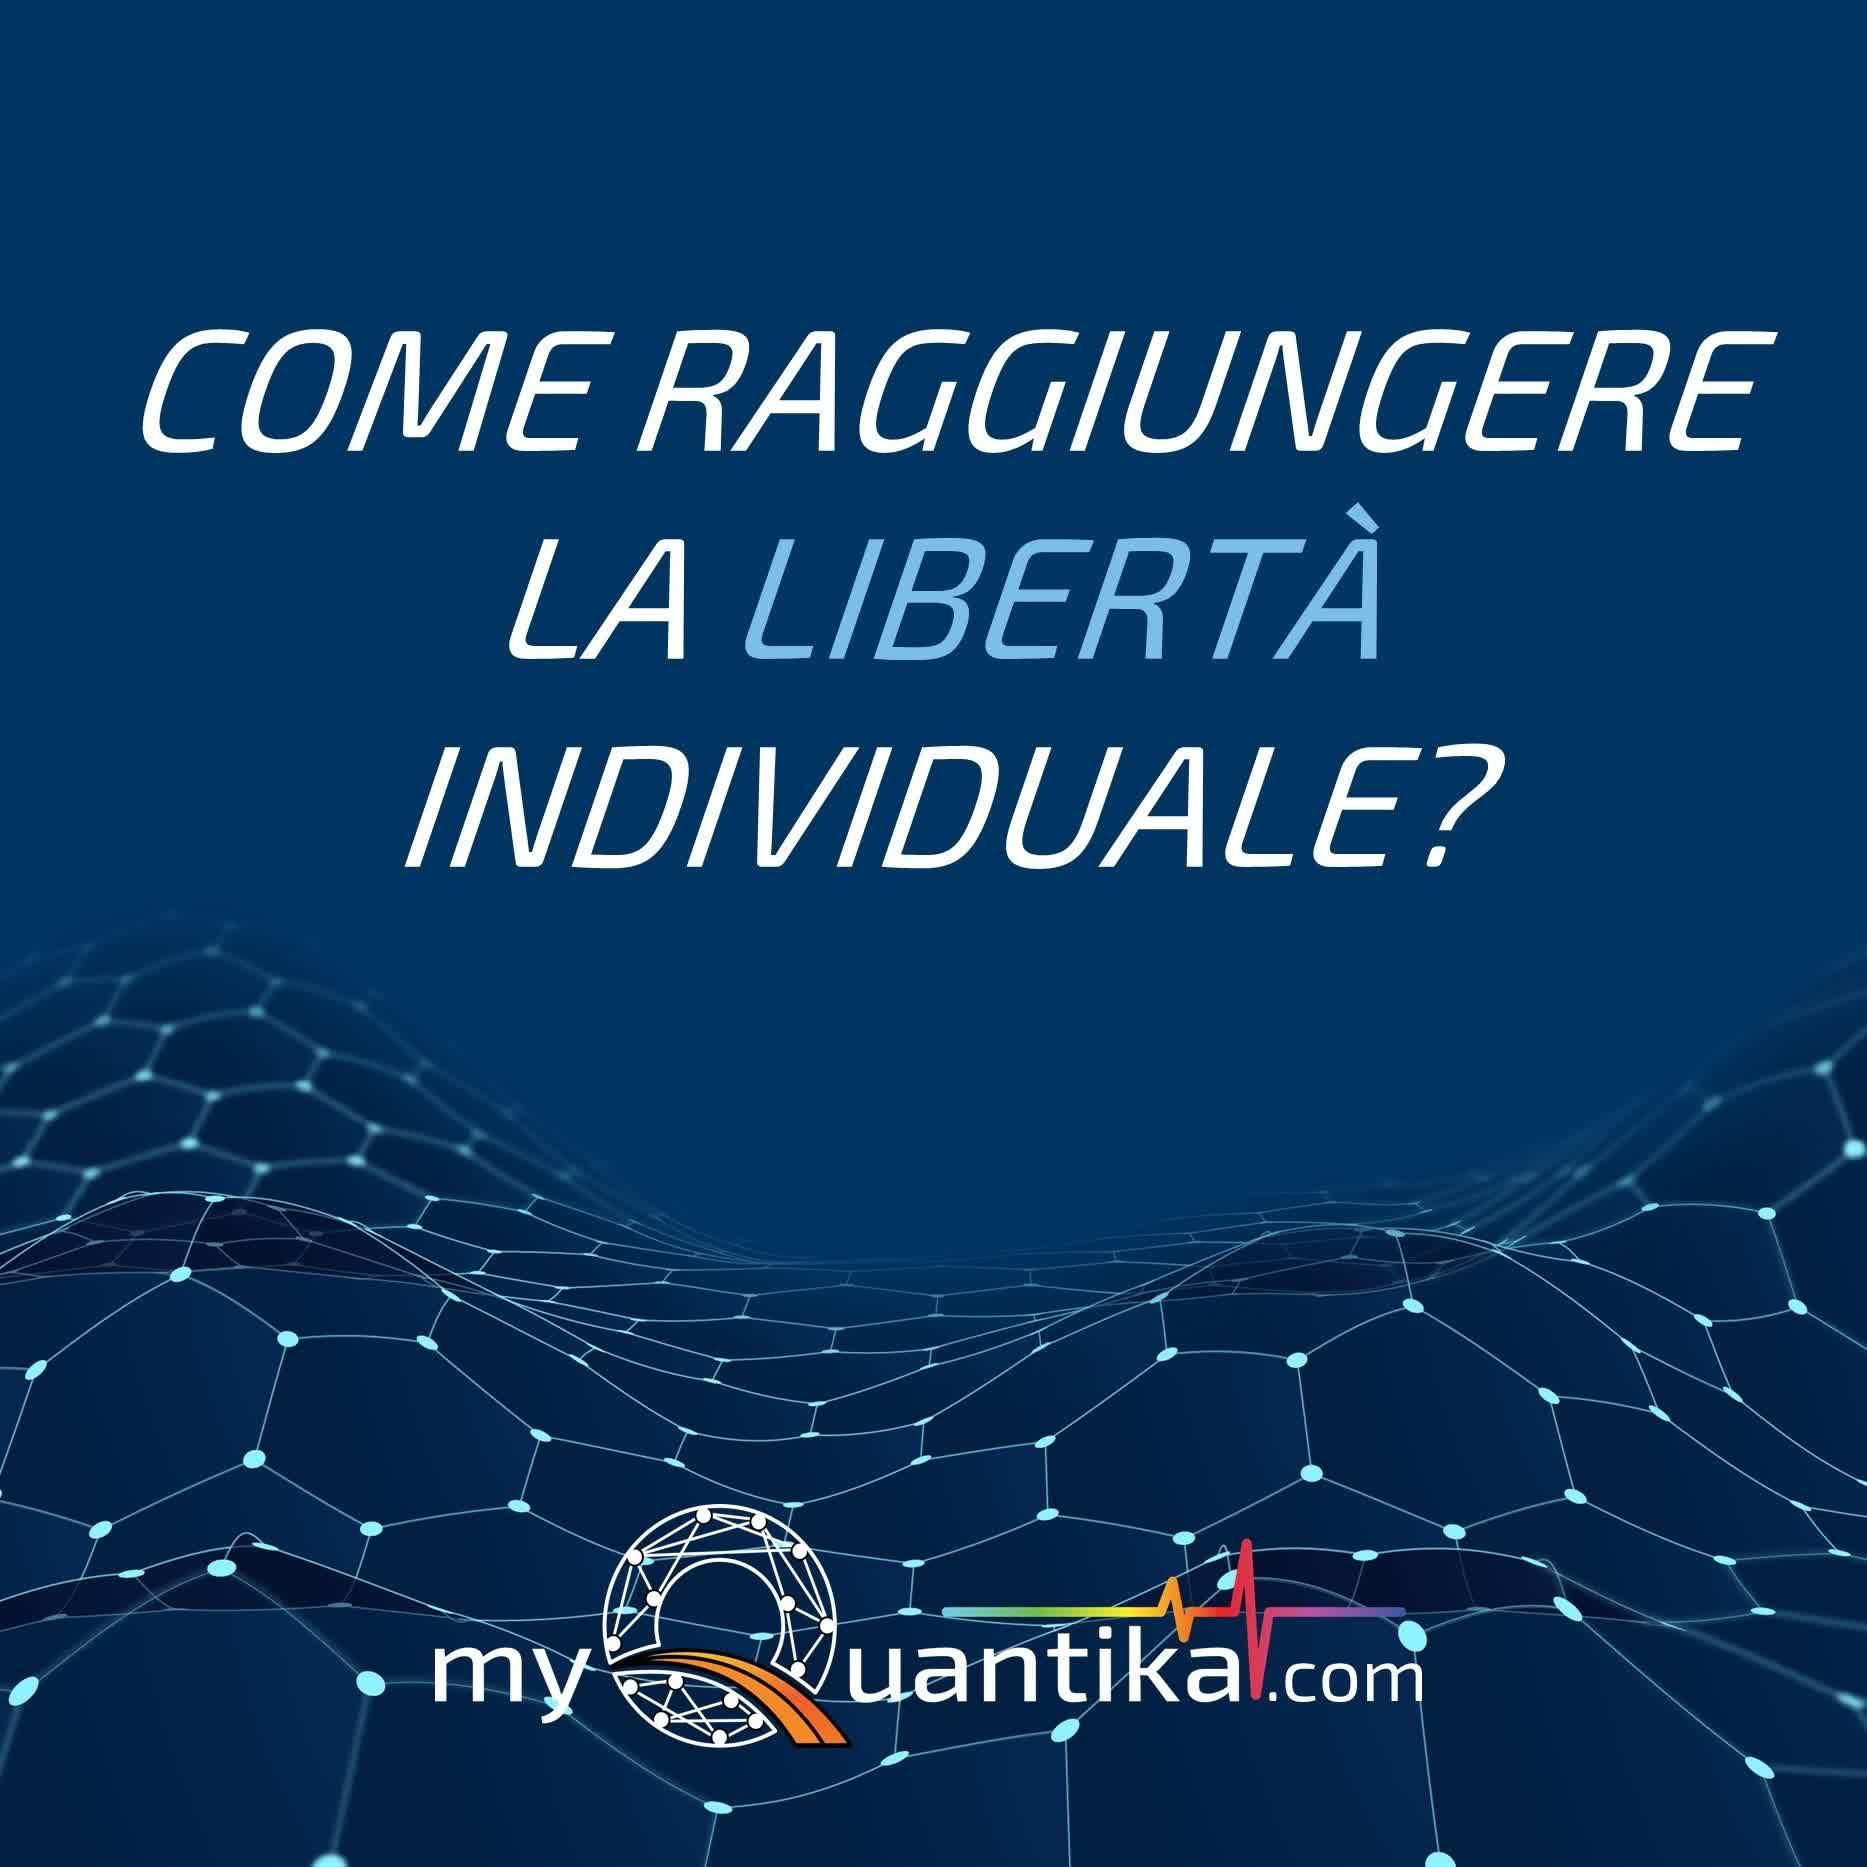 🦋 Stai cercando la libertà individuale? 🦅